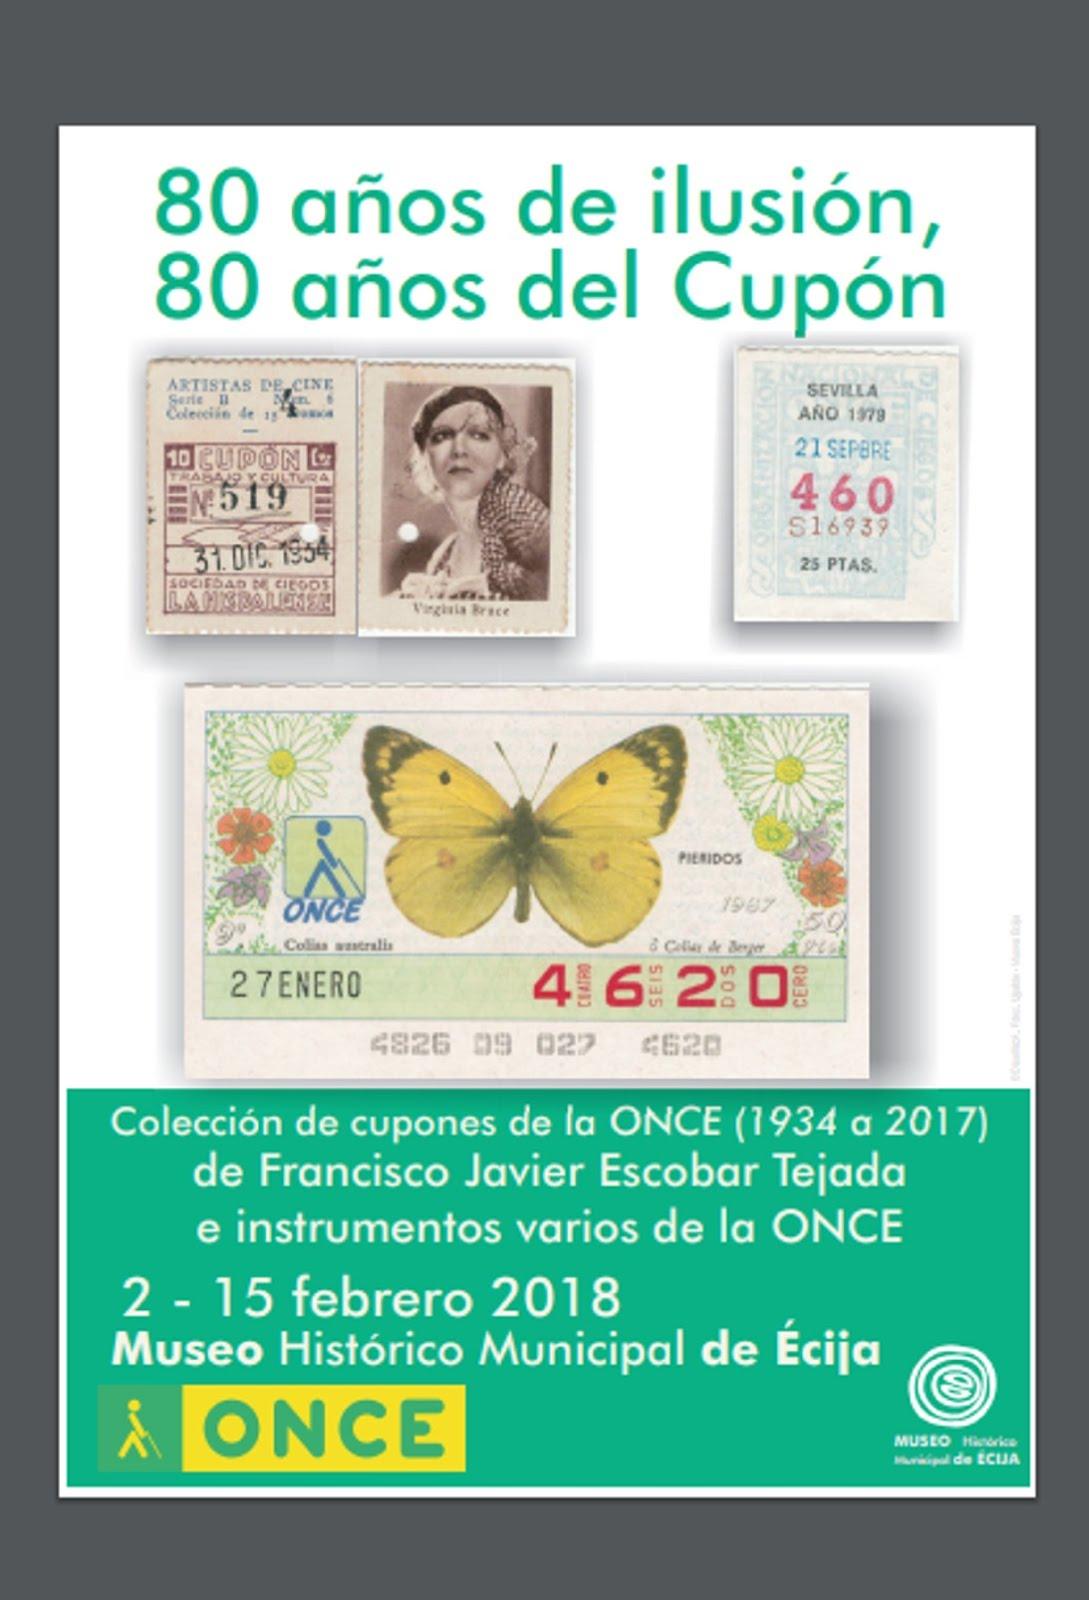 """once.es: Exposición Cupones """"80 Años de Ilusión, 80 Años del Cupón"""". Febrero '18 (Click en cartel)"""